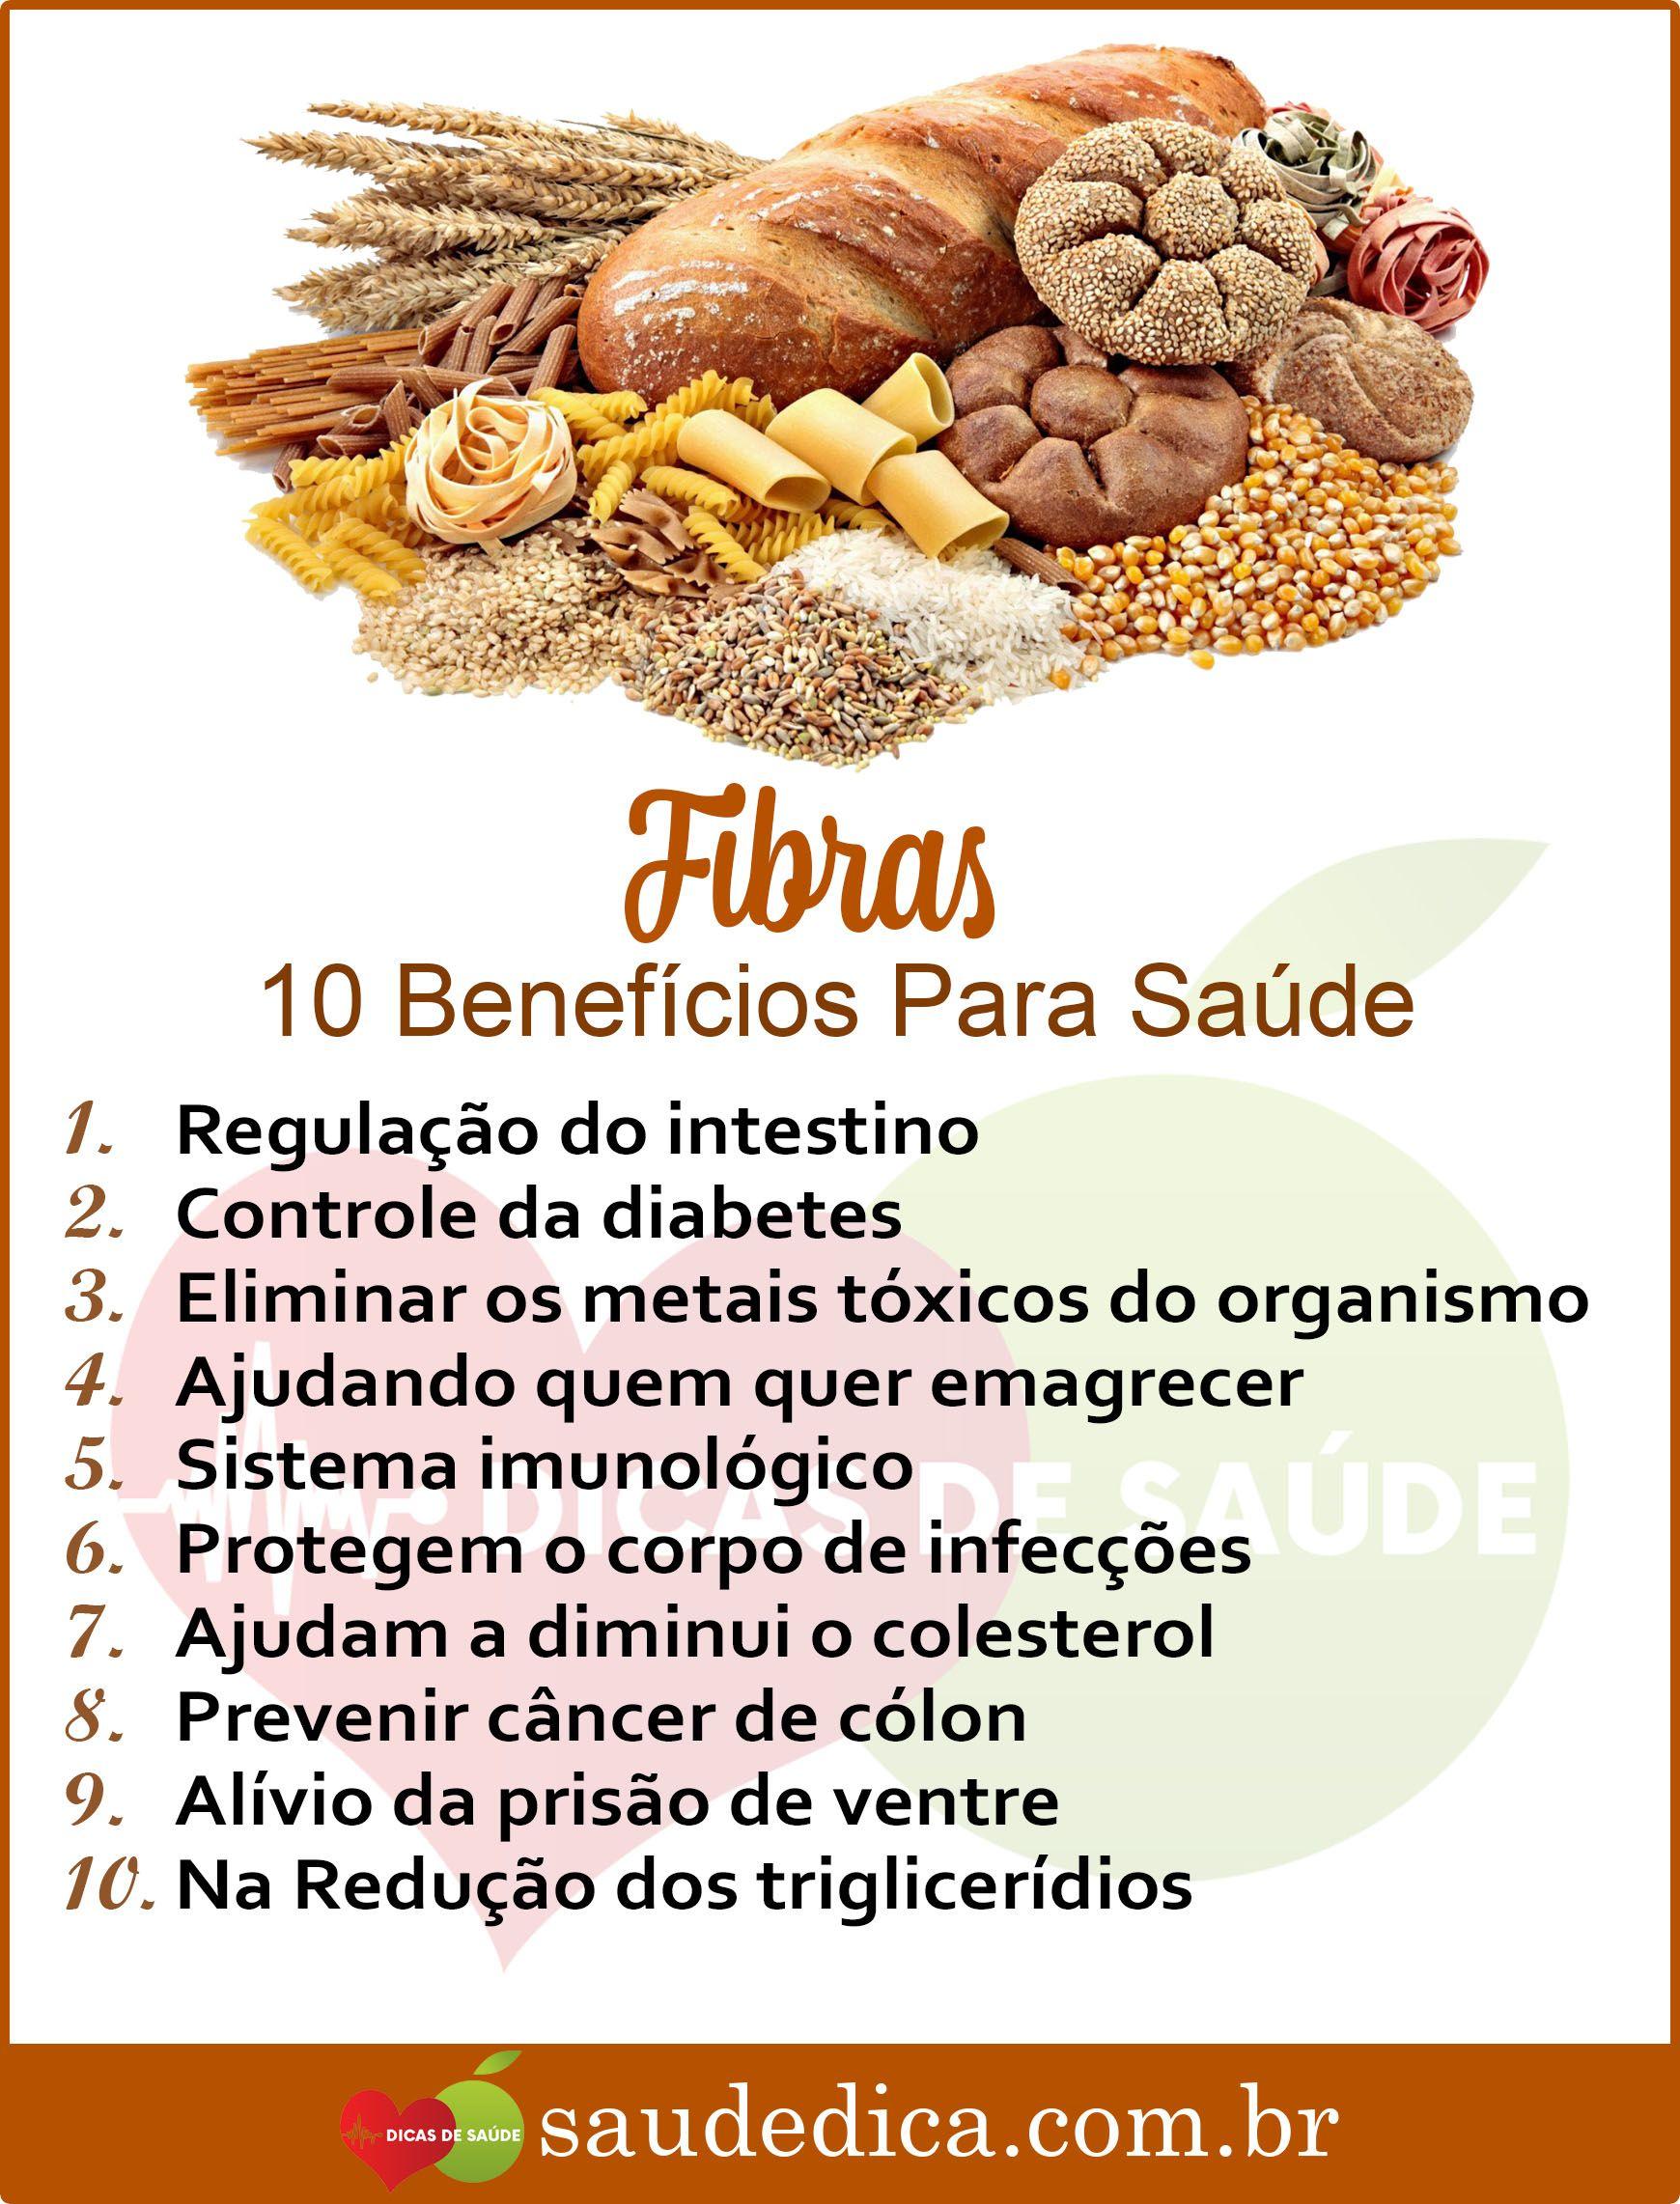 Os 25 Alimentos Ricos Em Fibras Alimentos Ricos Em Fibras